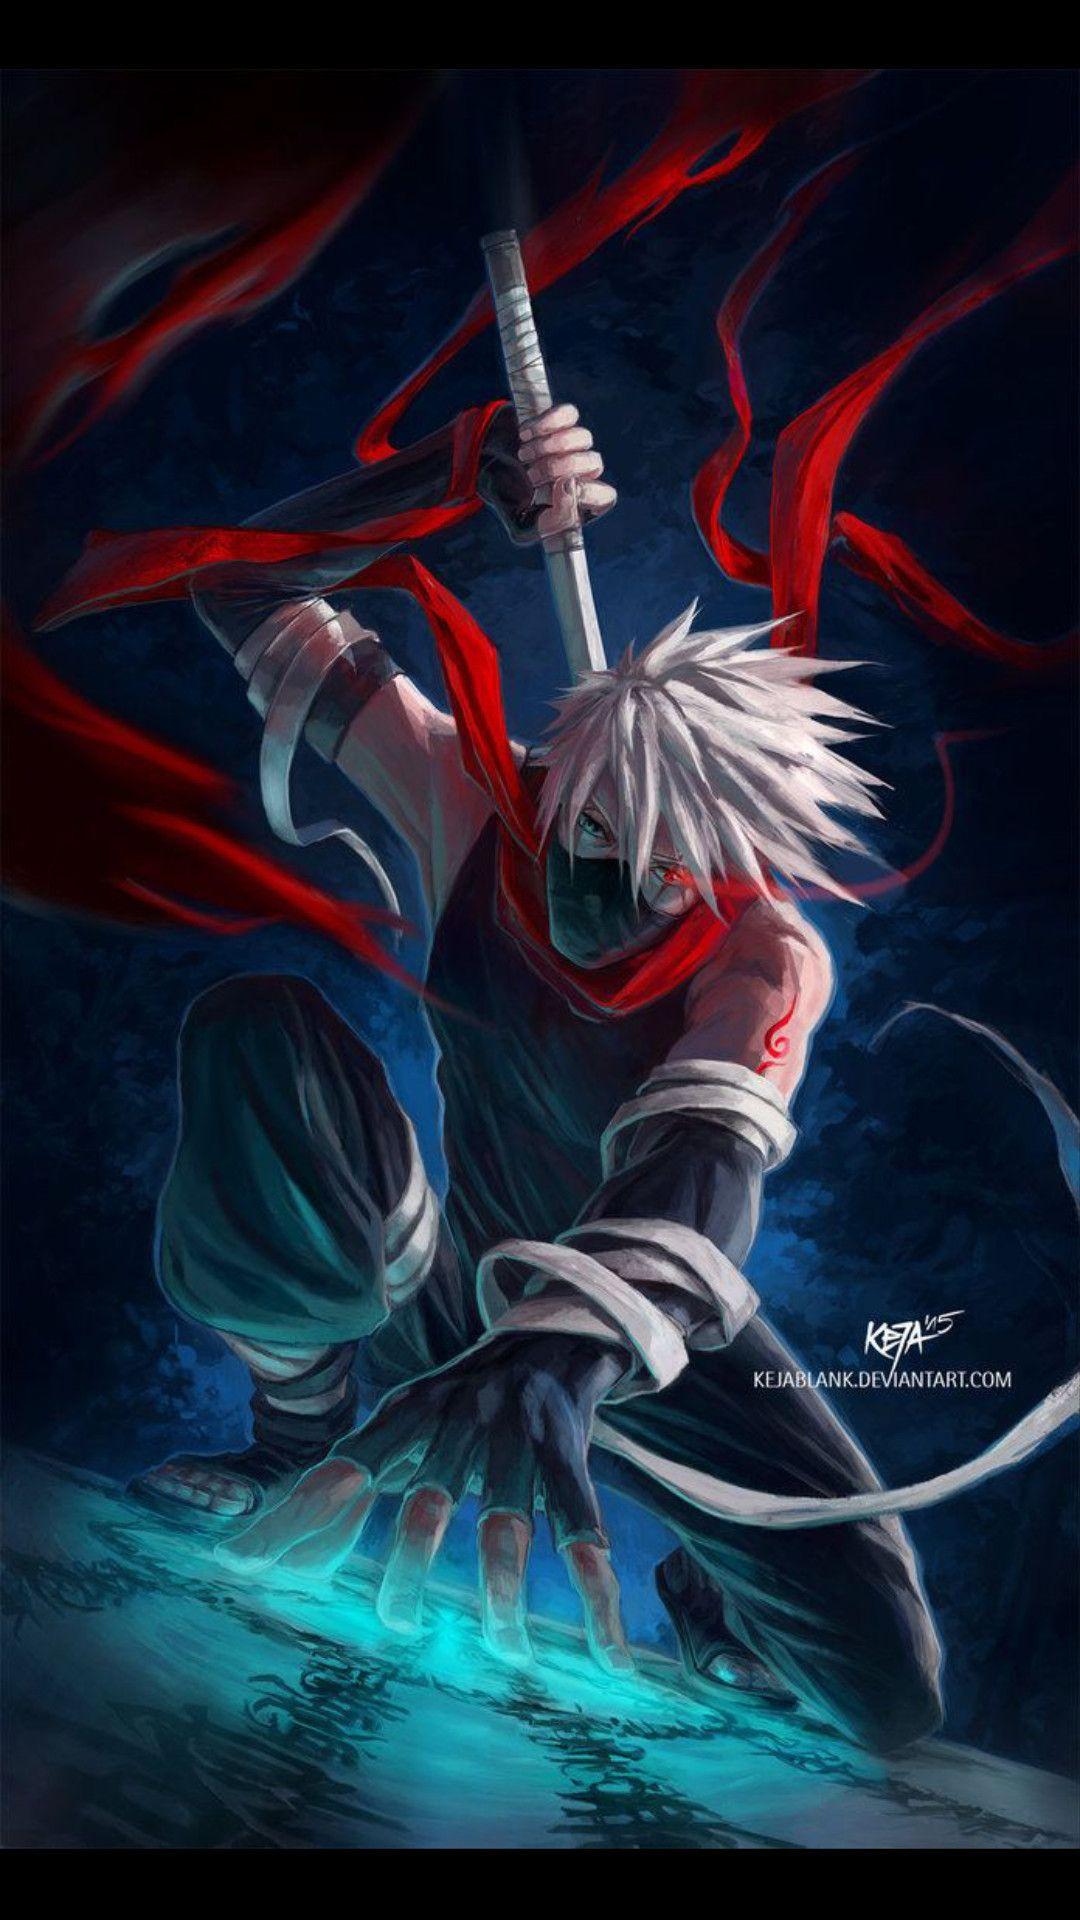 Naruto Kakashi iPhone Wallpapers Top Free Naruto Kakashi